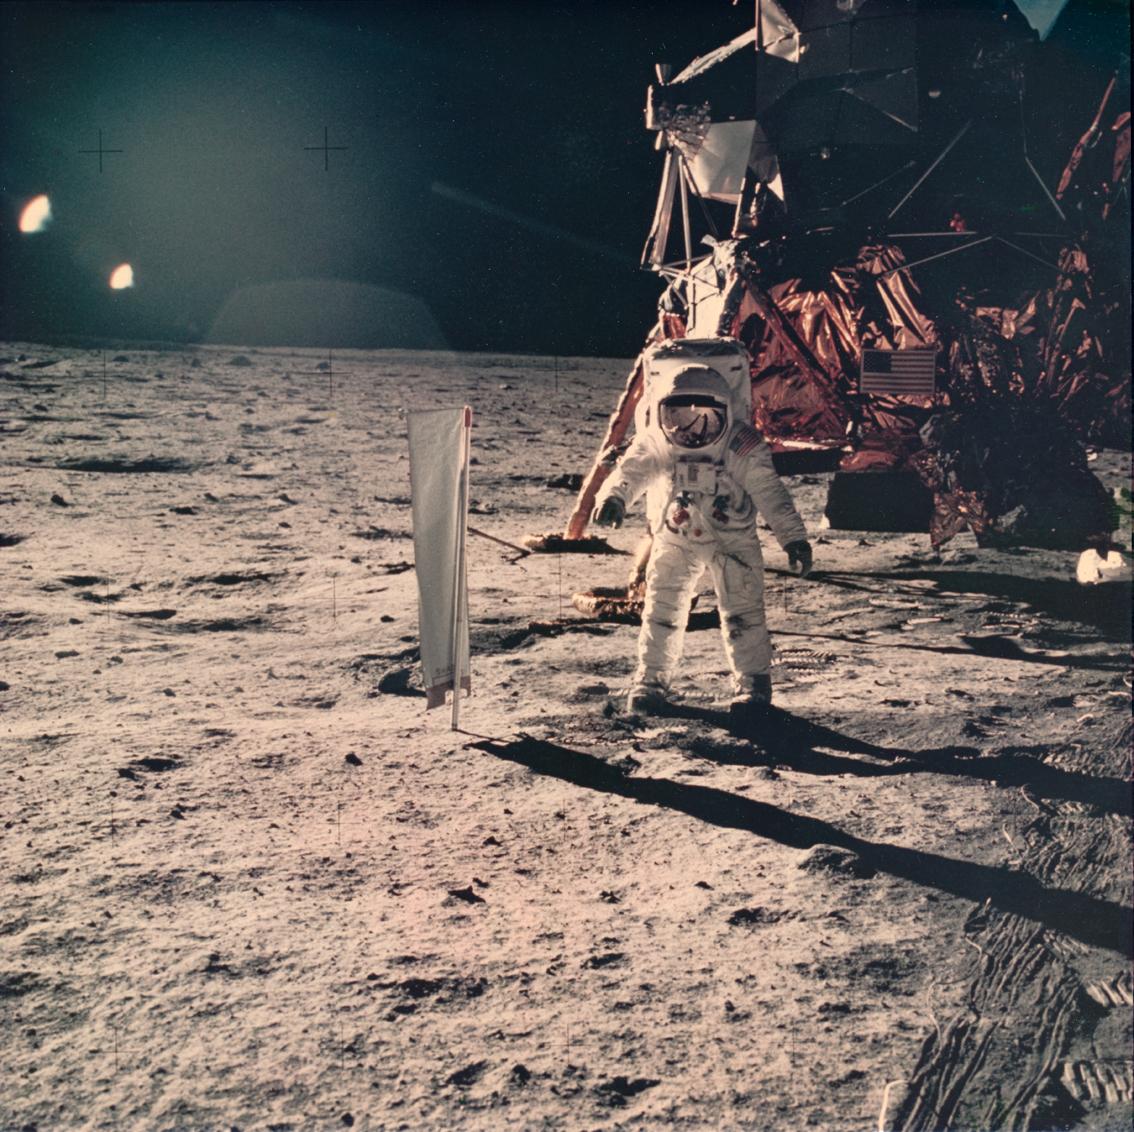 Lot 37 - Nasa. Apollo 11. Une des dernières photographies prise sur le sol lunaire par la [...]